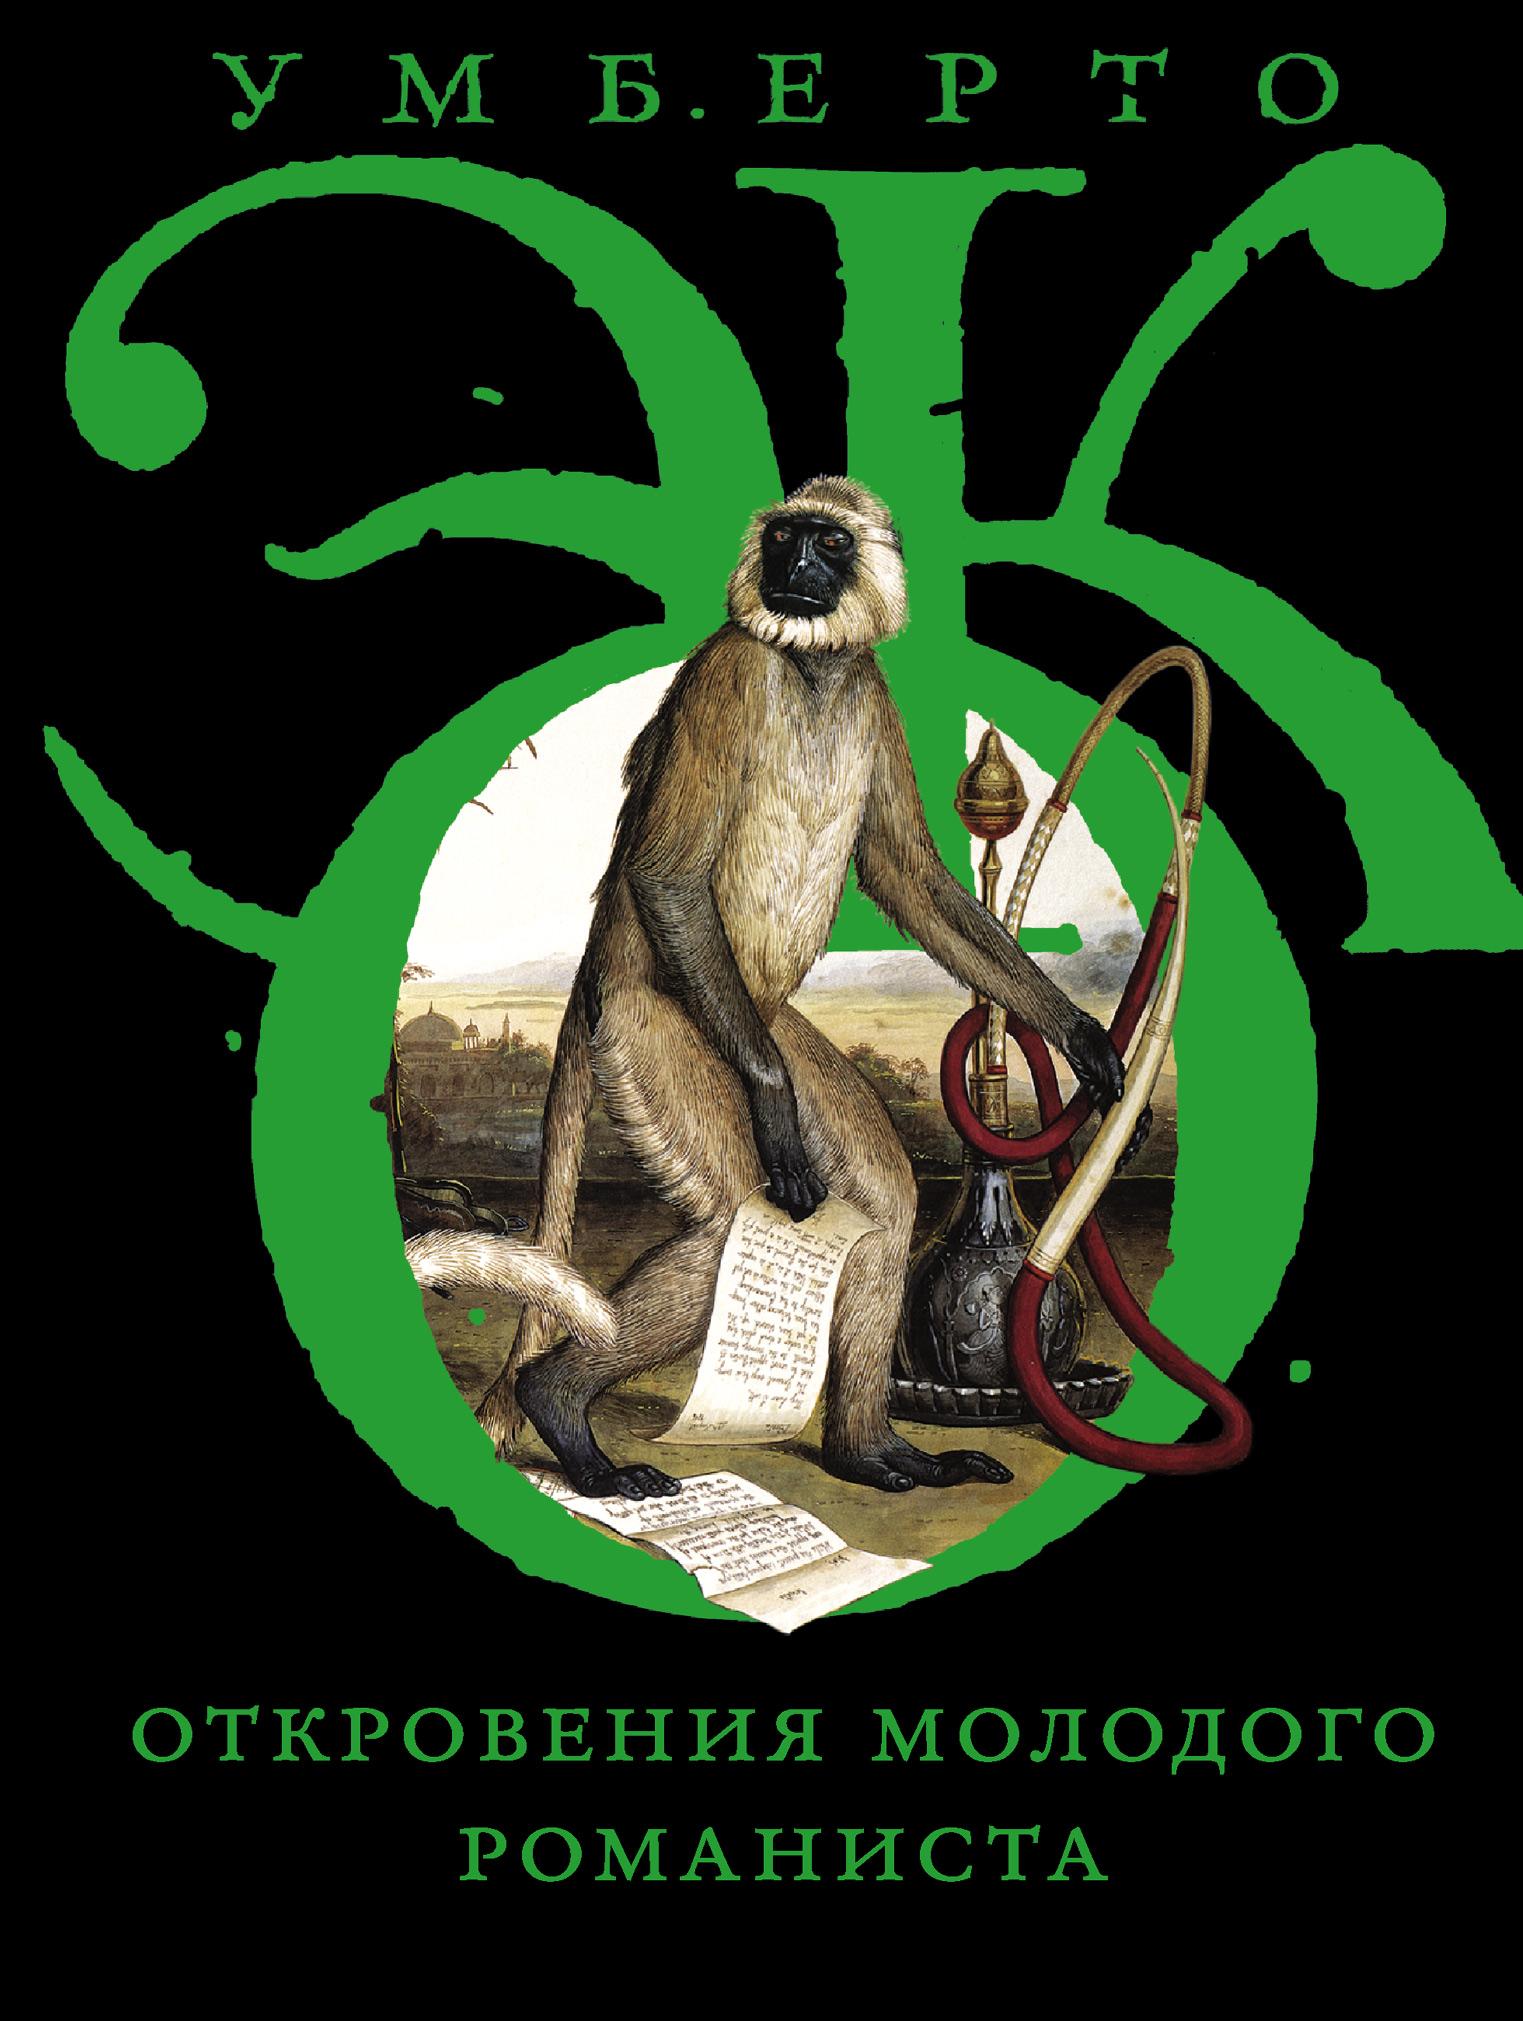 otkroveniya molodogo romanista